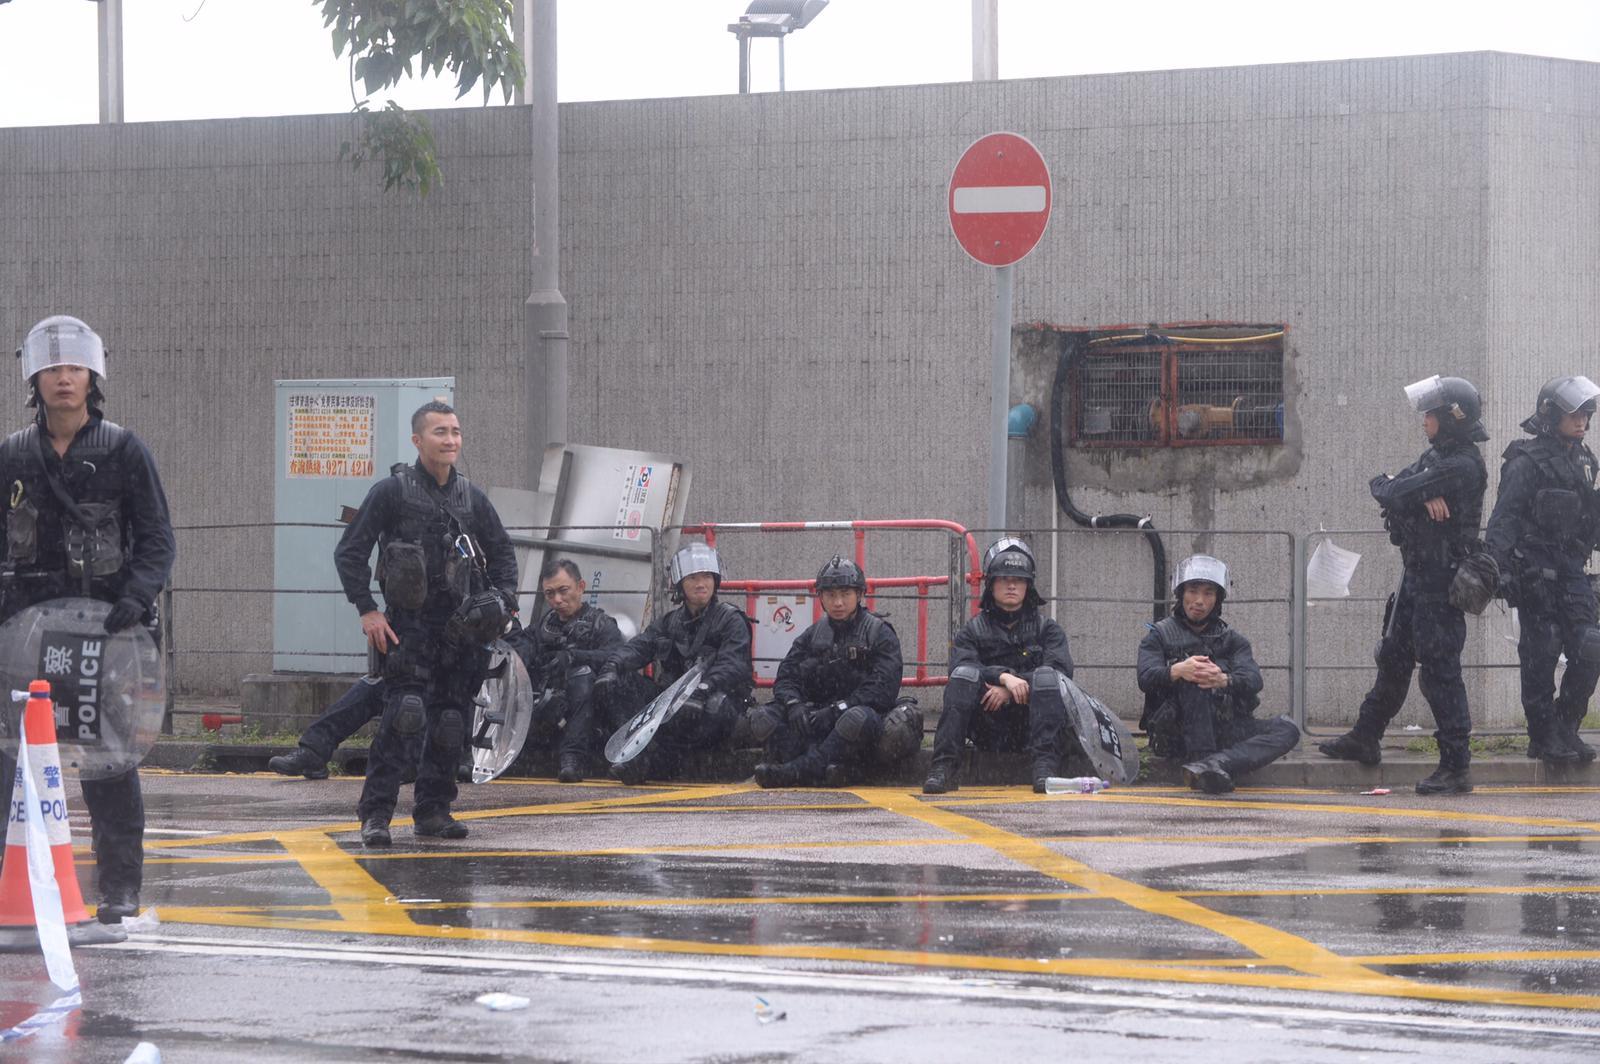 協會呼籲社會上理性人士支持警方嚴正執法。